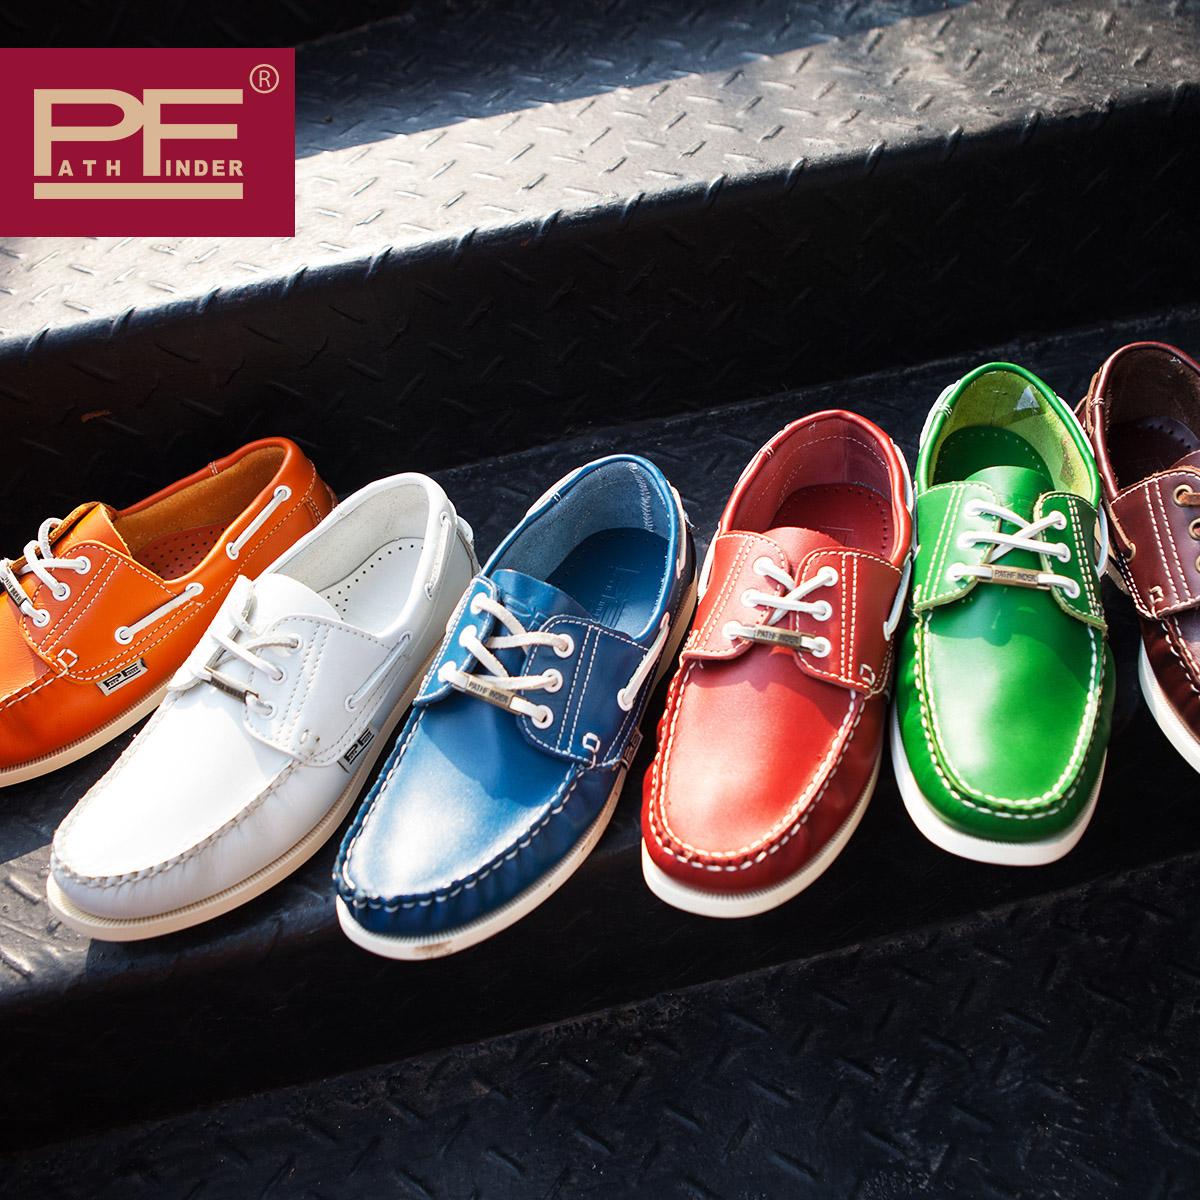 Демисезонные ботинки Pathfinder 916/4 Pf 0916